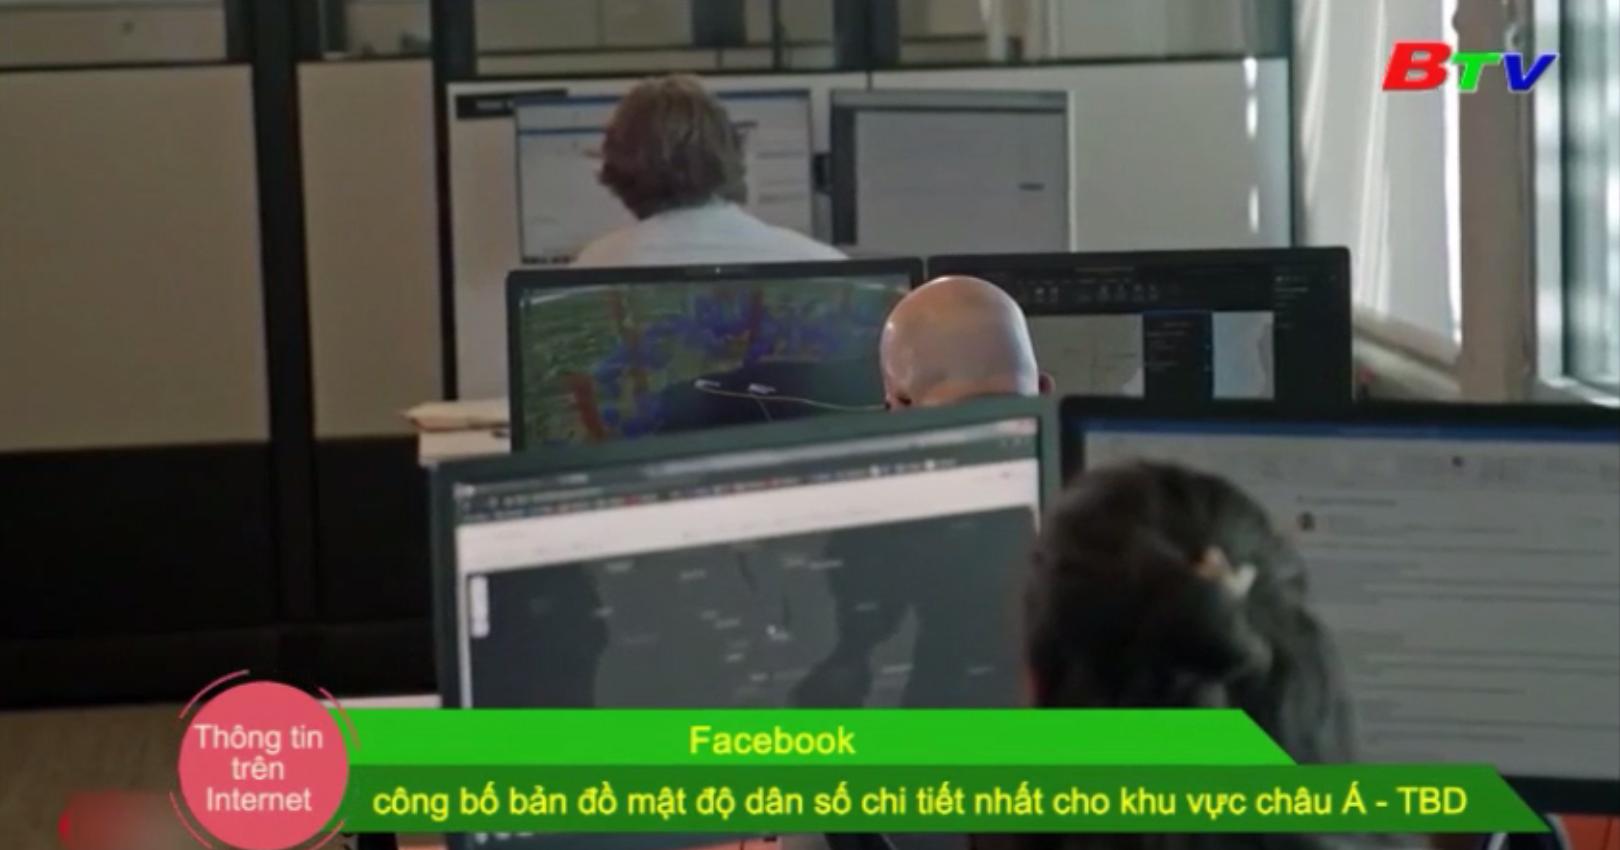 Facebook công bố bản đồ mật độ dân số chi tiết nhất cho khu vực châu Á - Thái Bình Dương